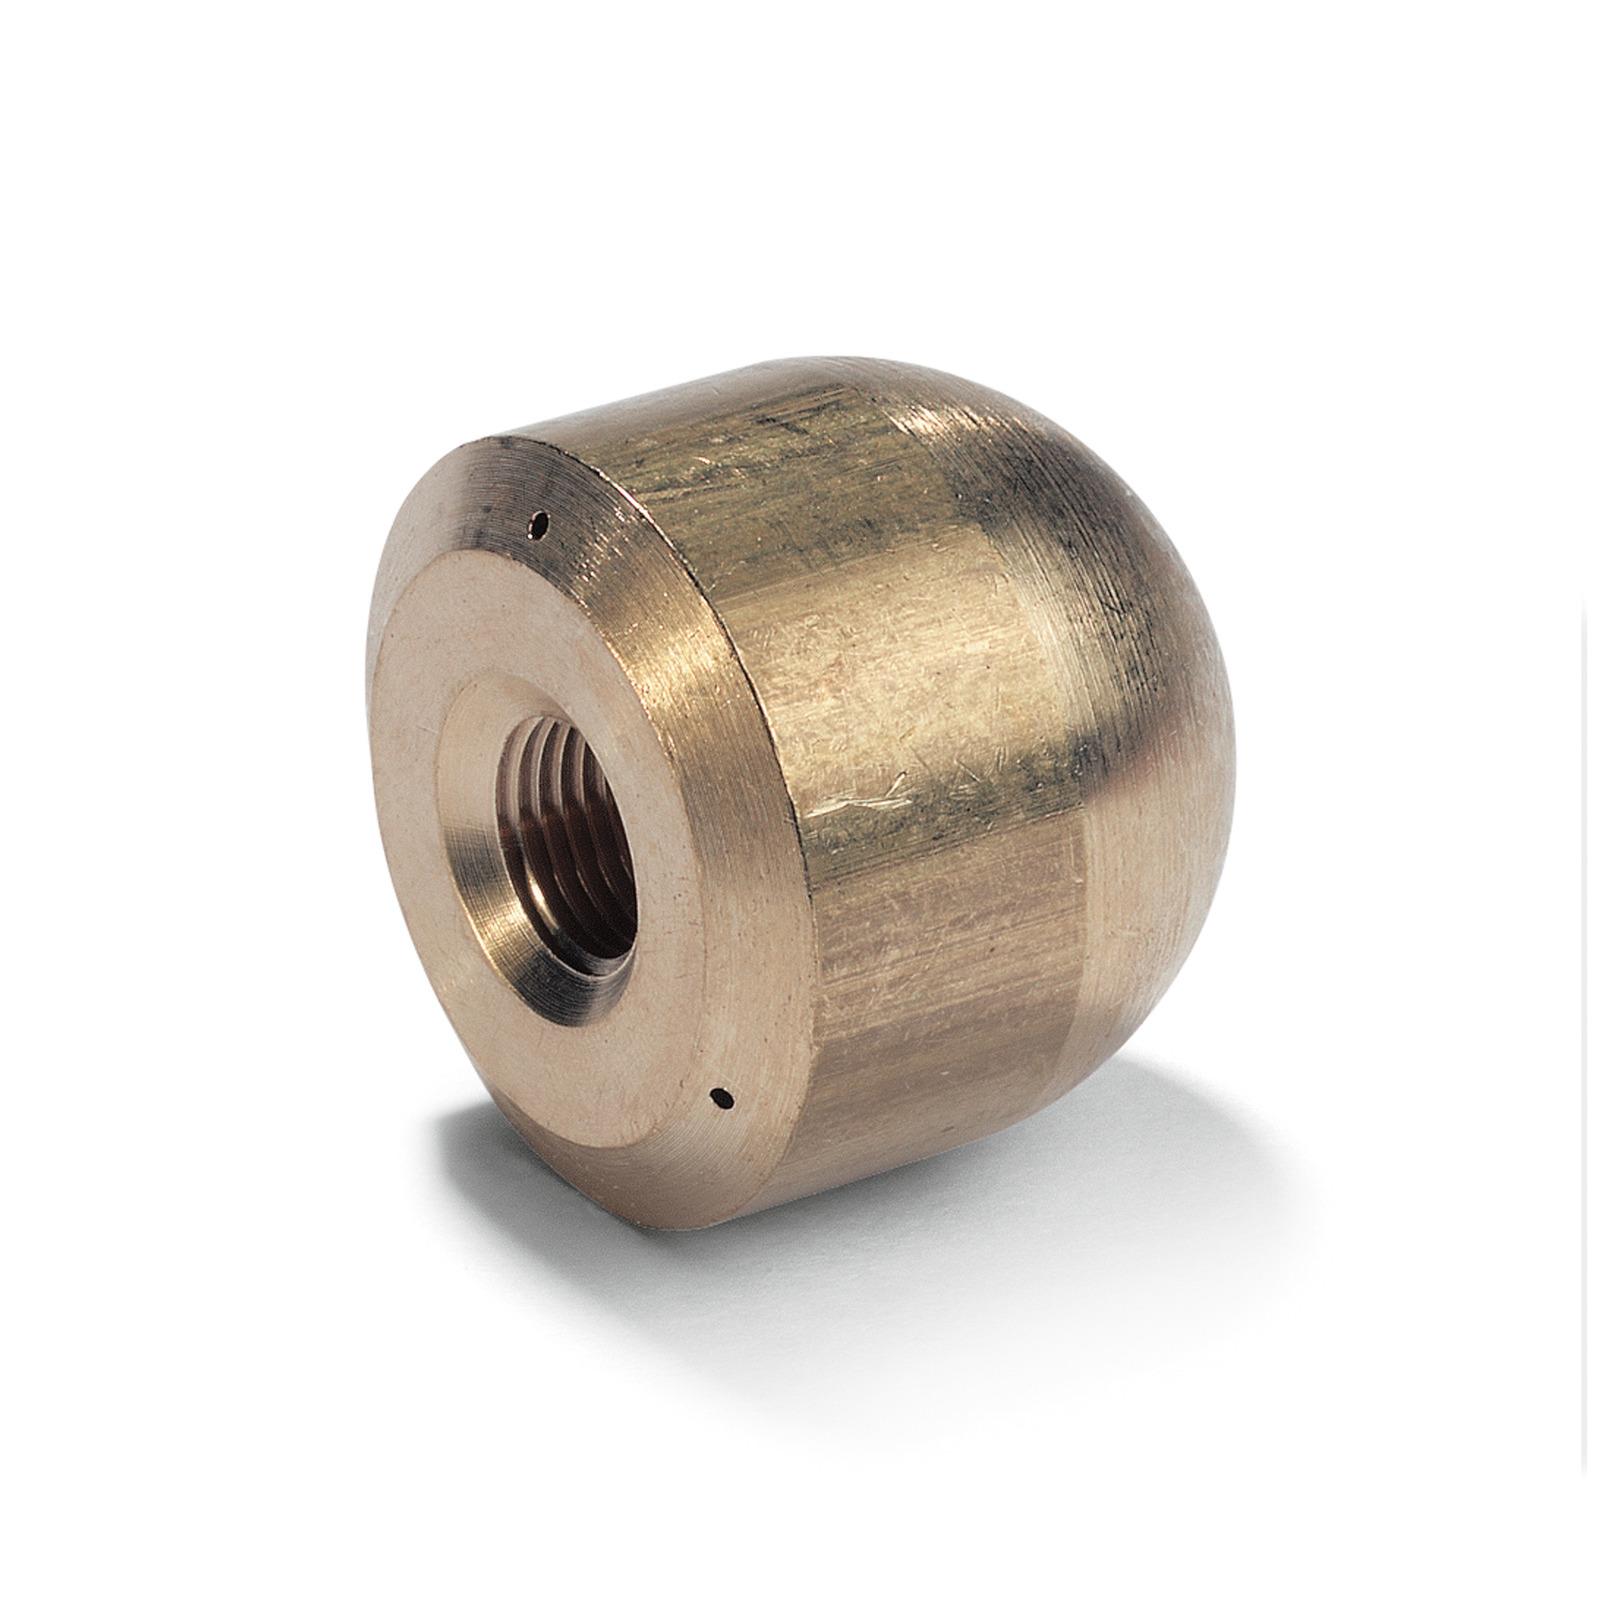 Kärcher - Tryska na čištění potrubí 050, 3x30°, 30mm